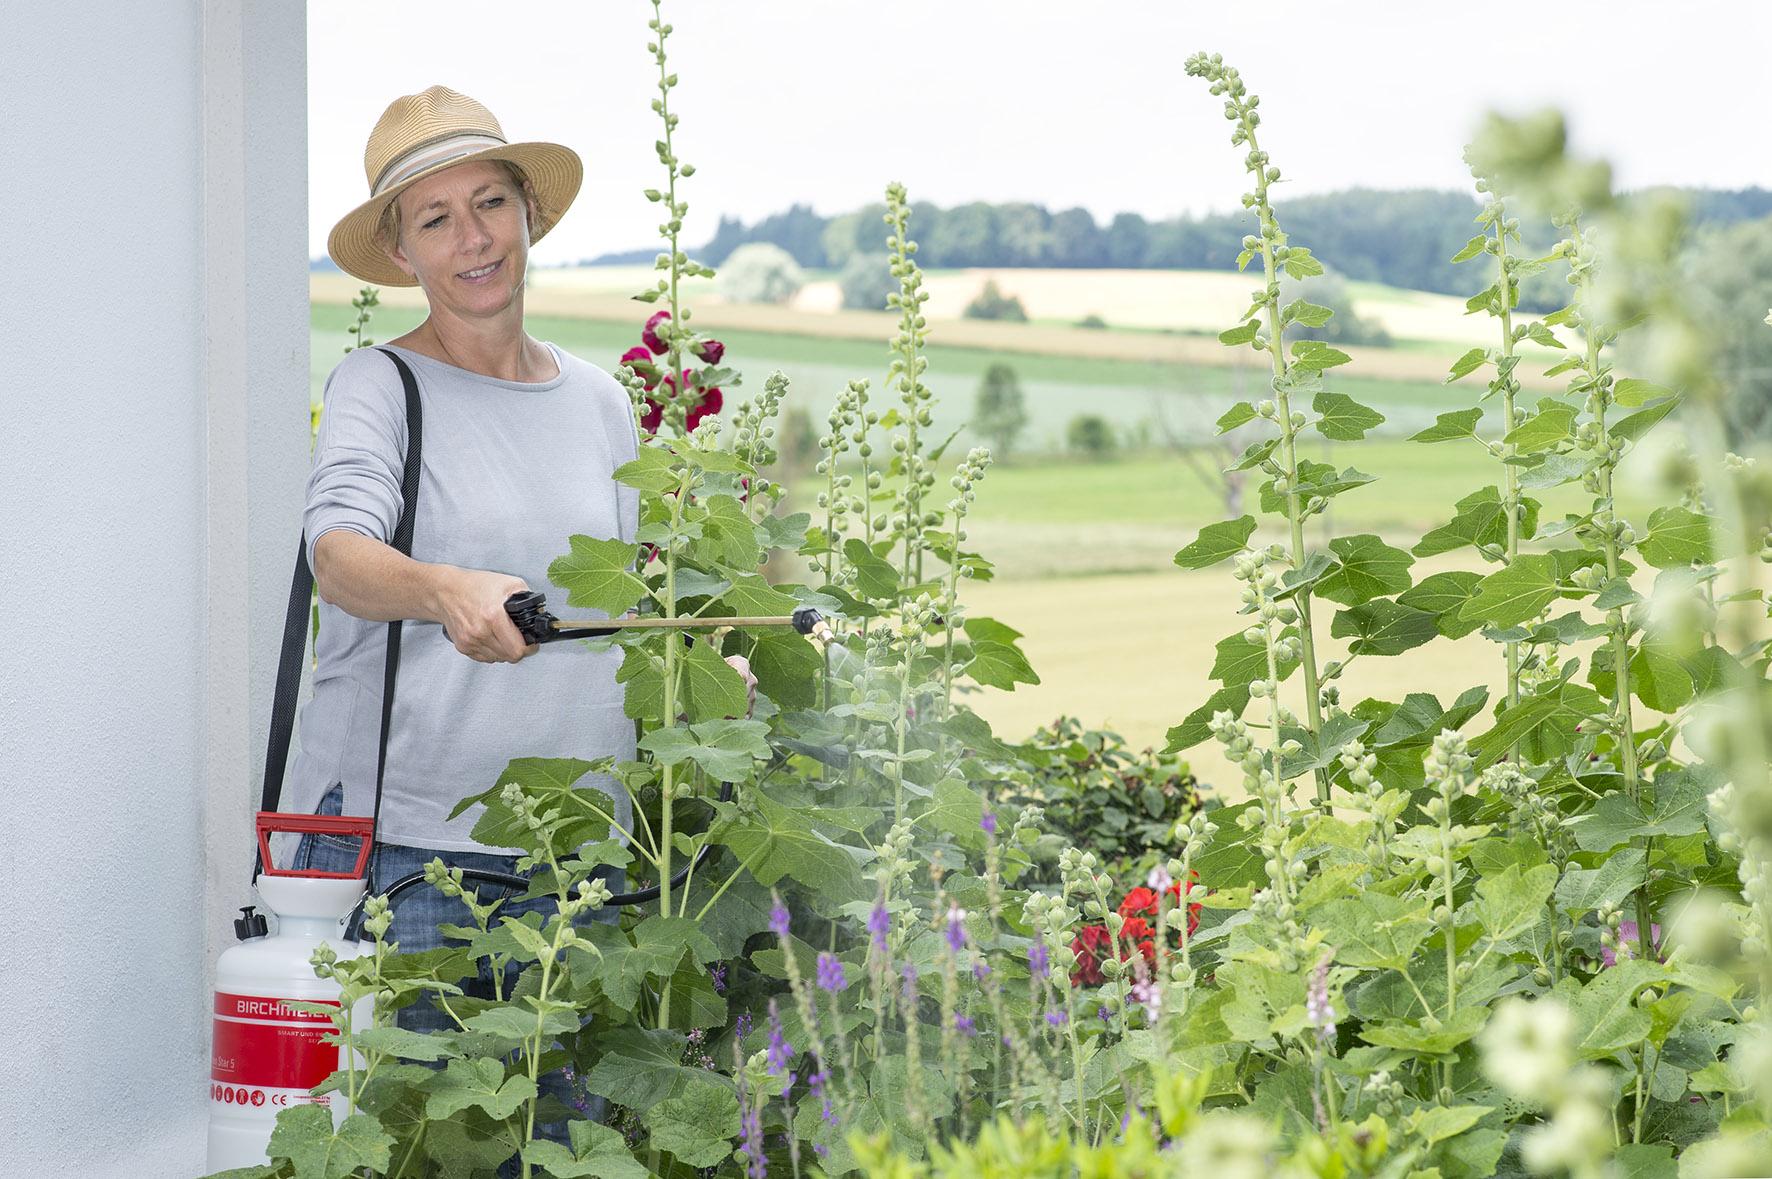 High Quality ... 5 Liter Sprühgerät Garden Star 5 Von Birchmeier Zum Besprühen Von  Balkonpflanzen, Kübelpflanzen